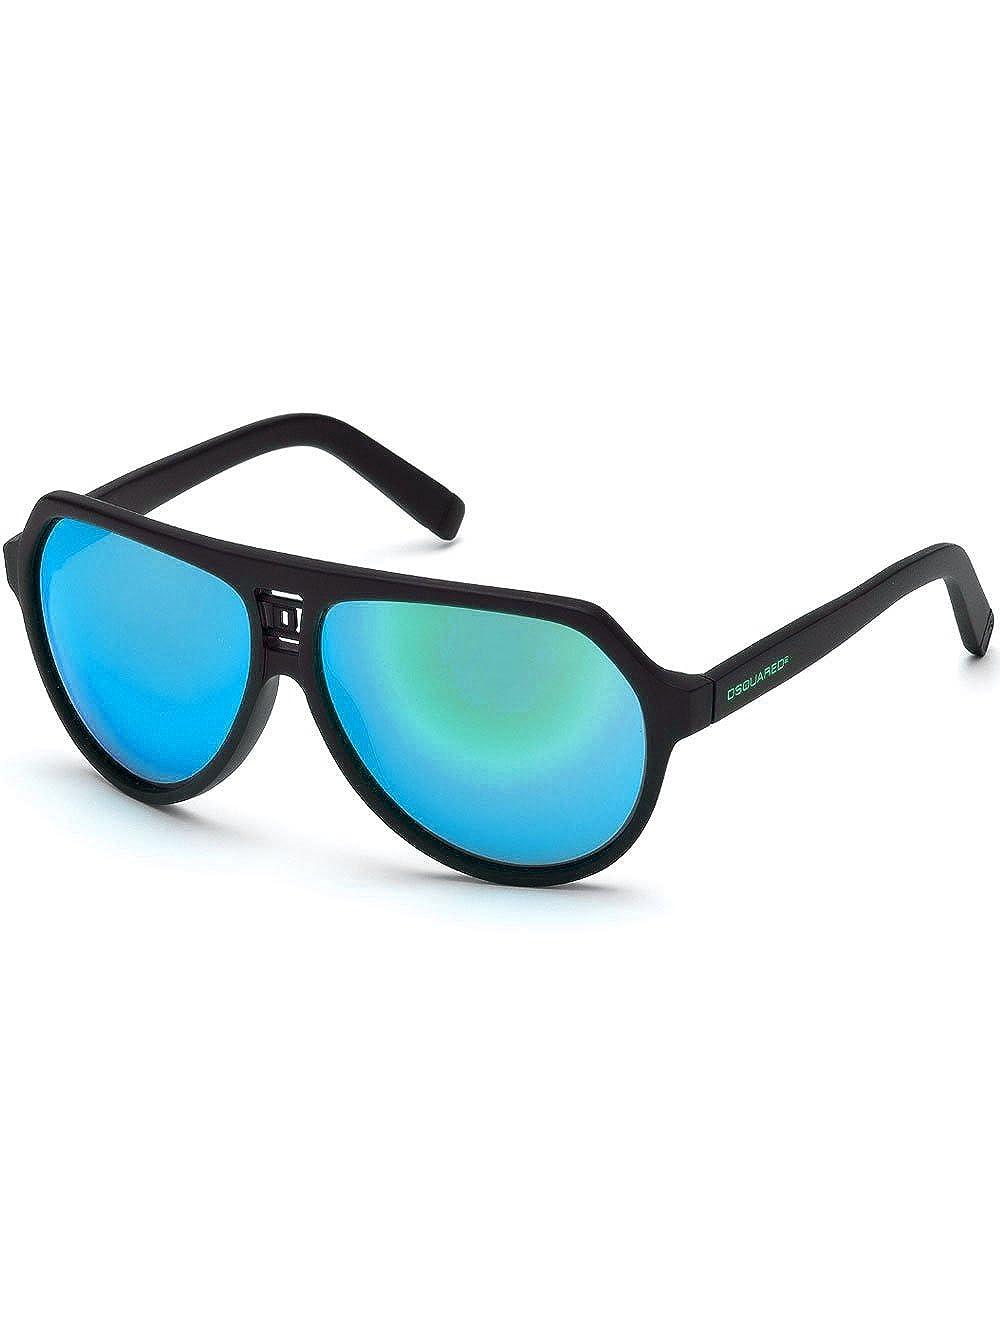 Dsquared - Gafas de sol - para hombre Negro negro Talla ...